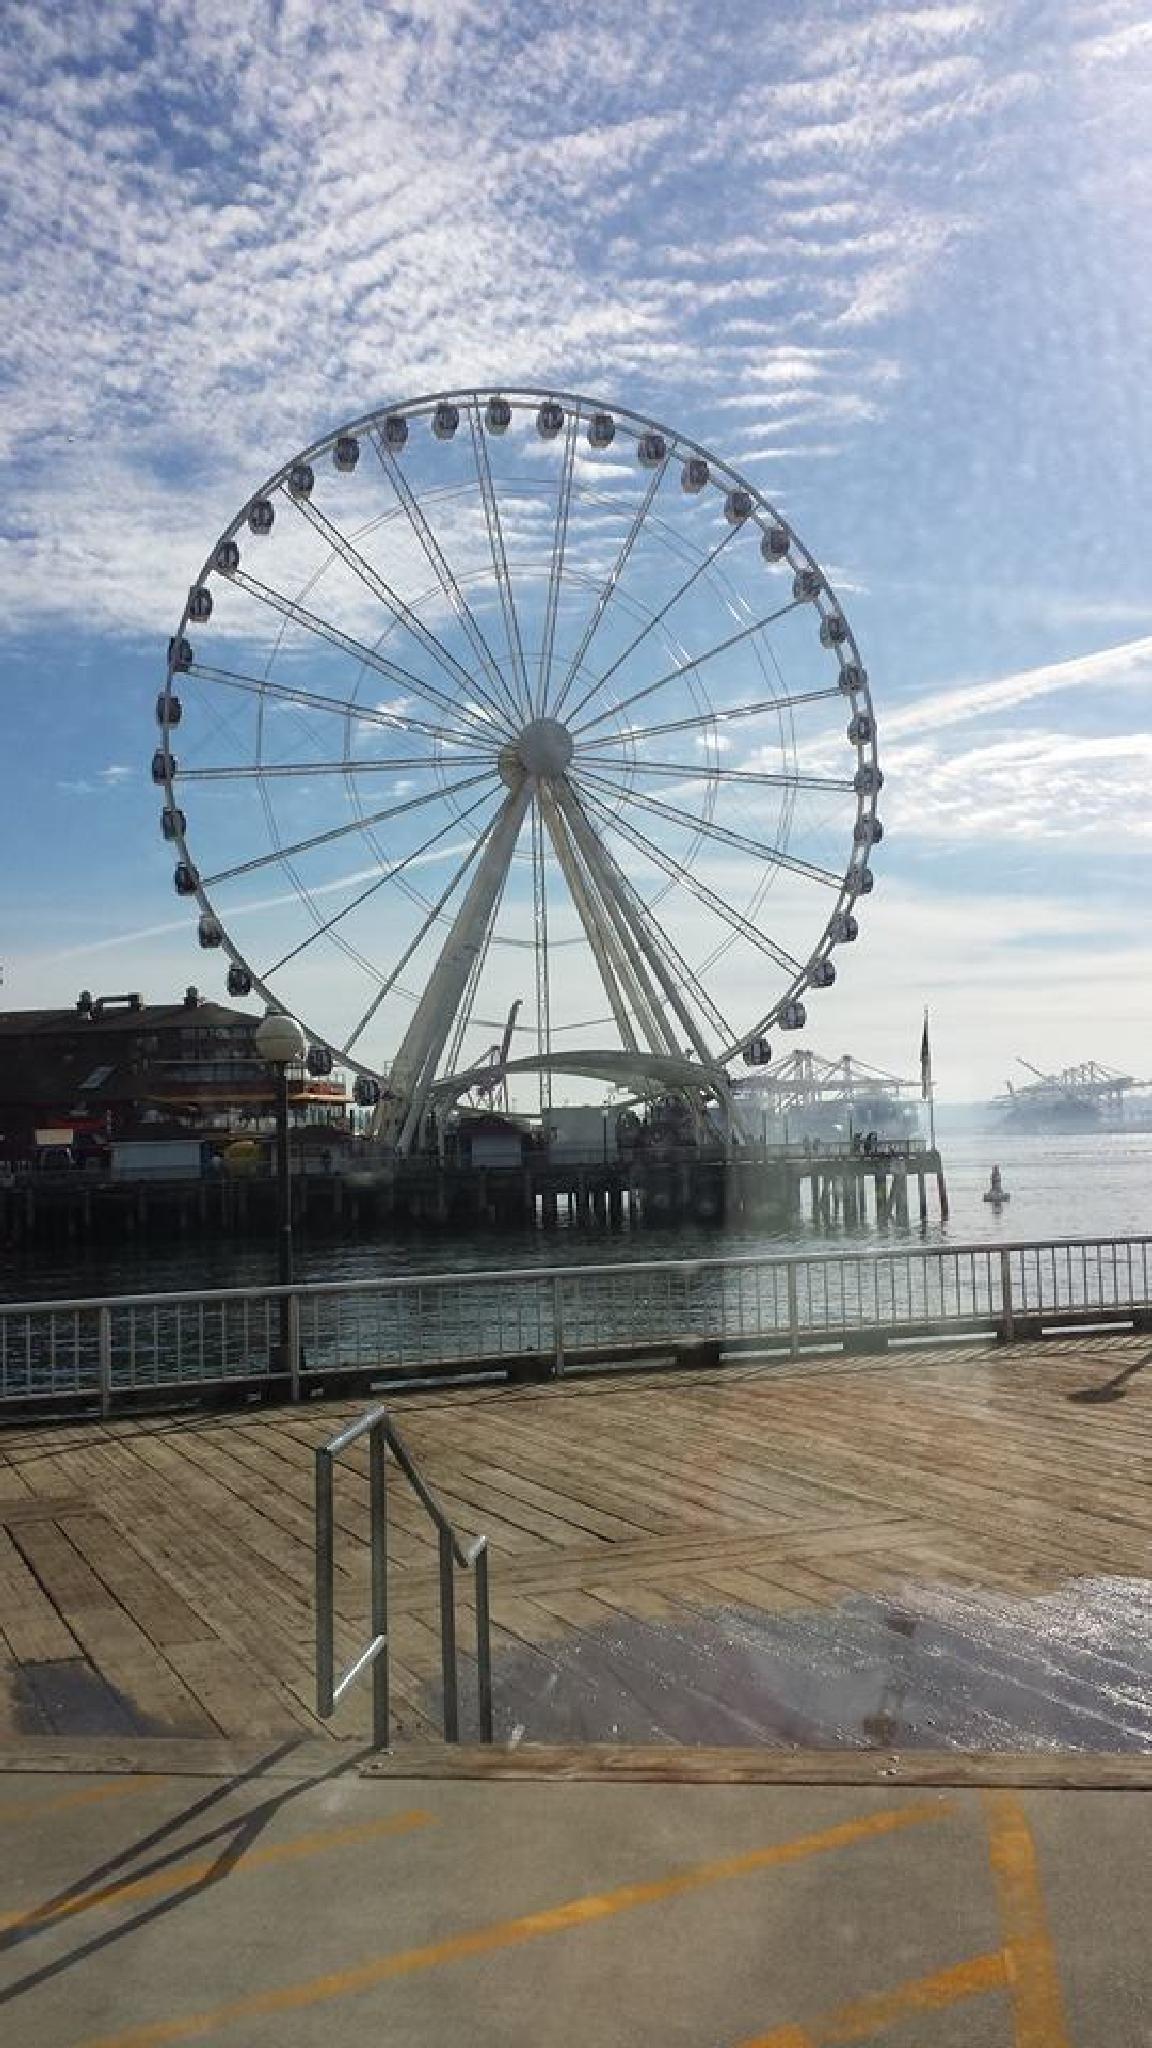 Seattle fare by marilyn wirtz